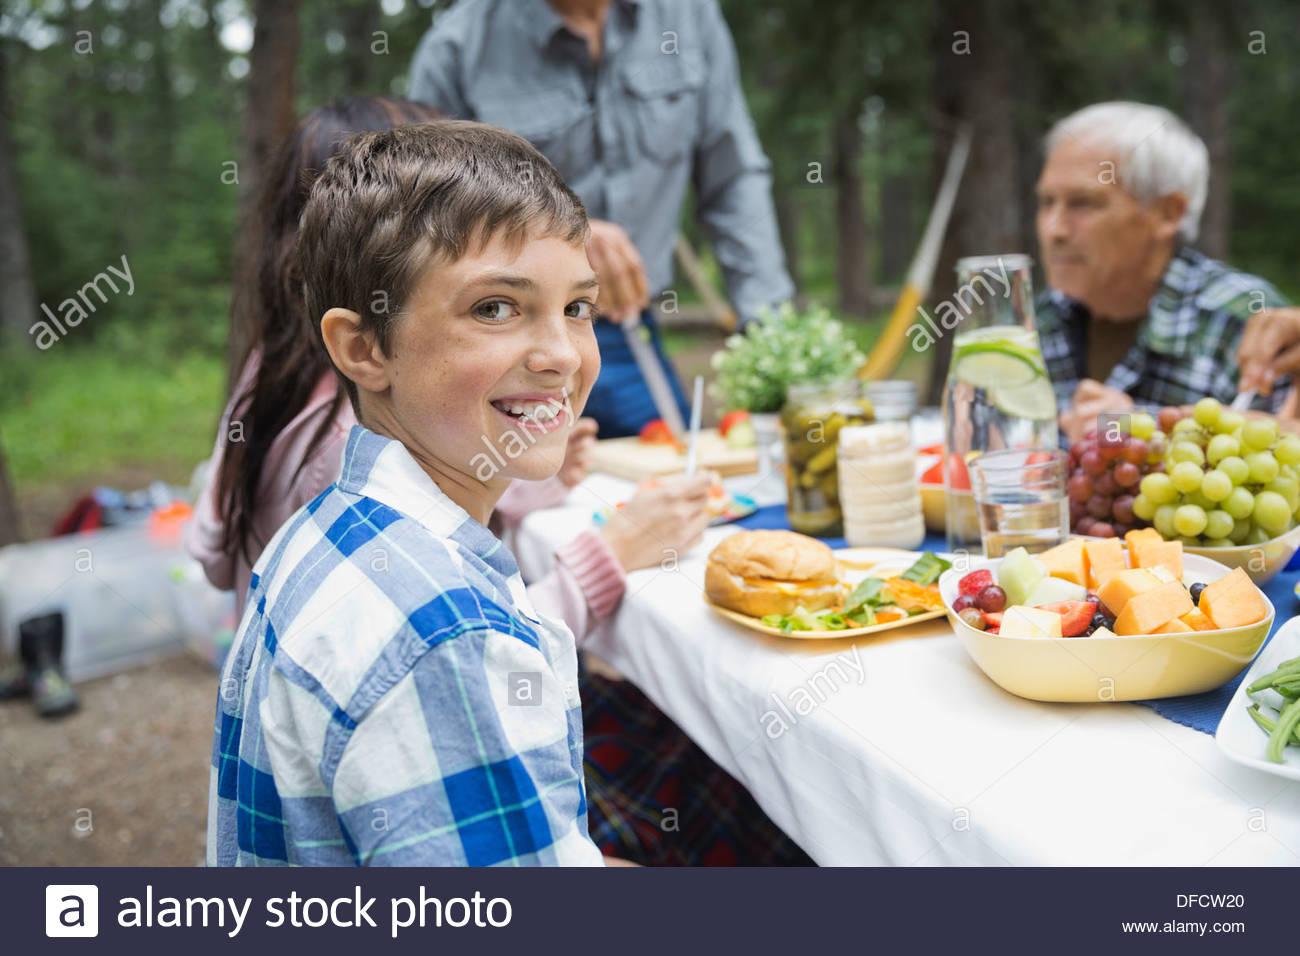 Portrait of boy avoir votre repas en famille au camping Photo Stock